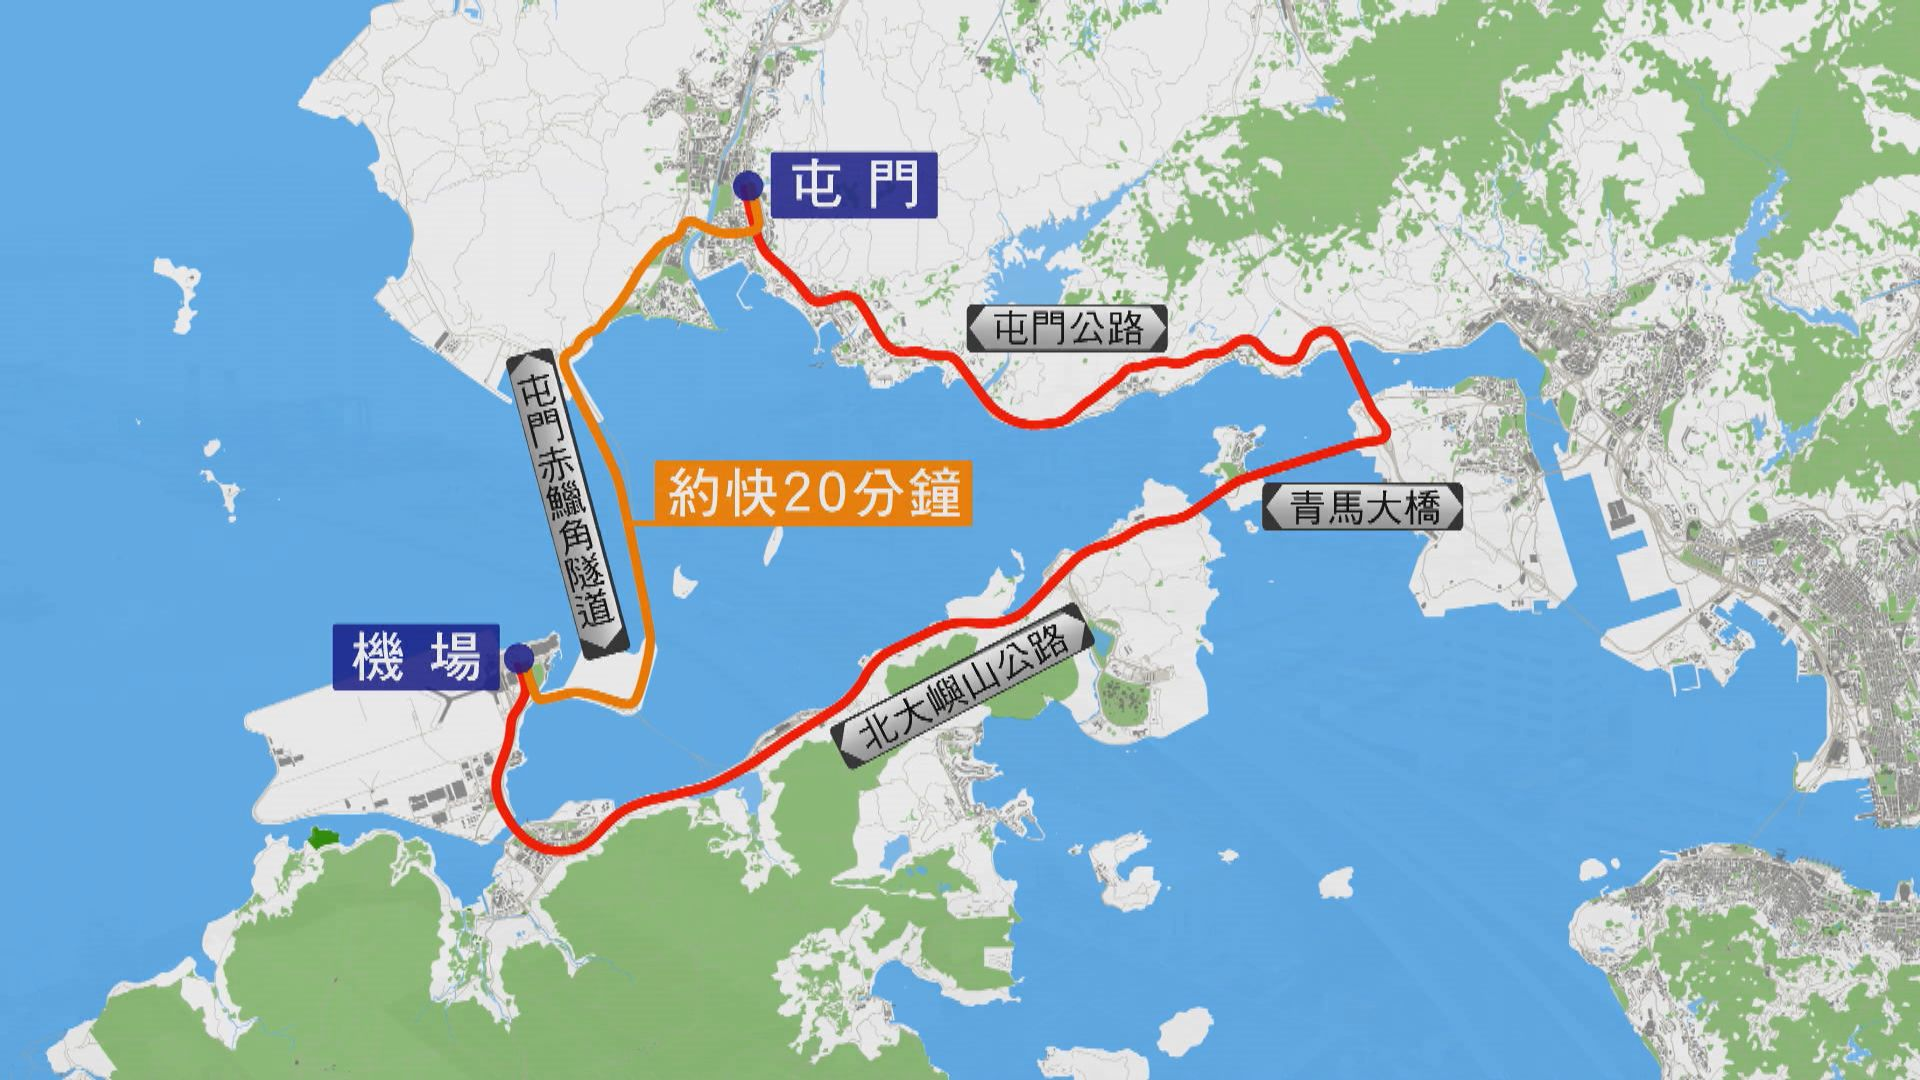 屯赤北面連接路明日啟用 居民期望新路可節省交通時間